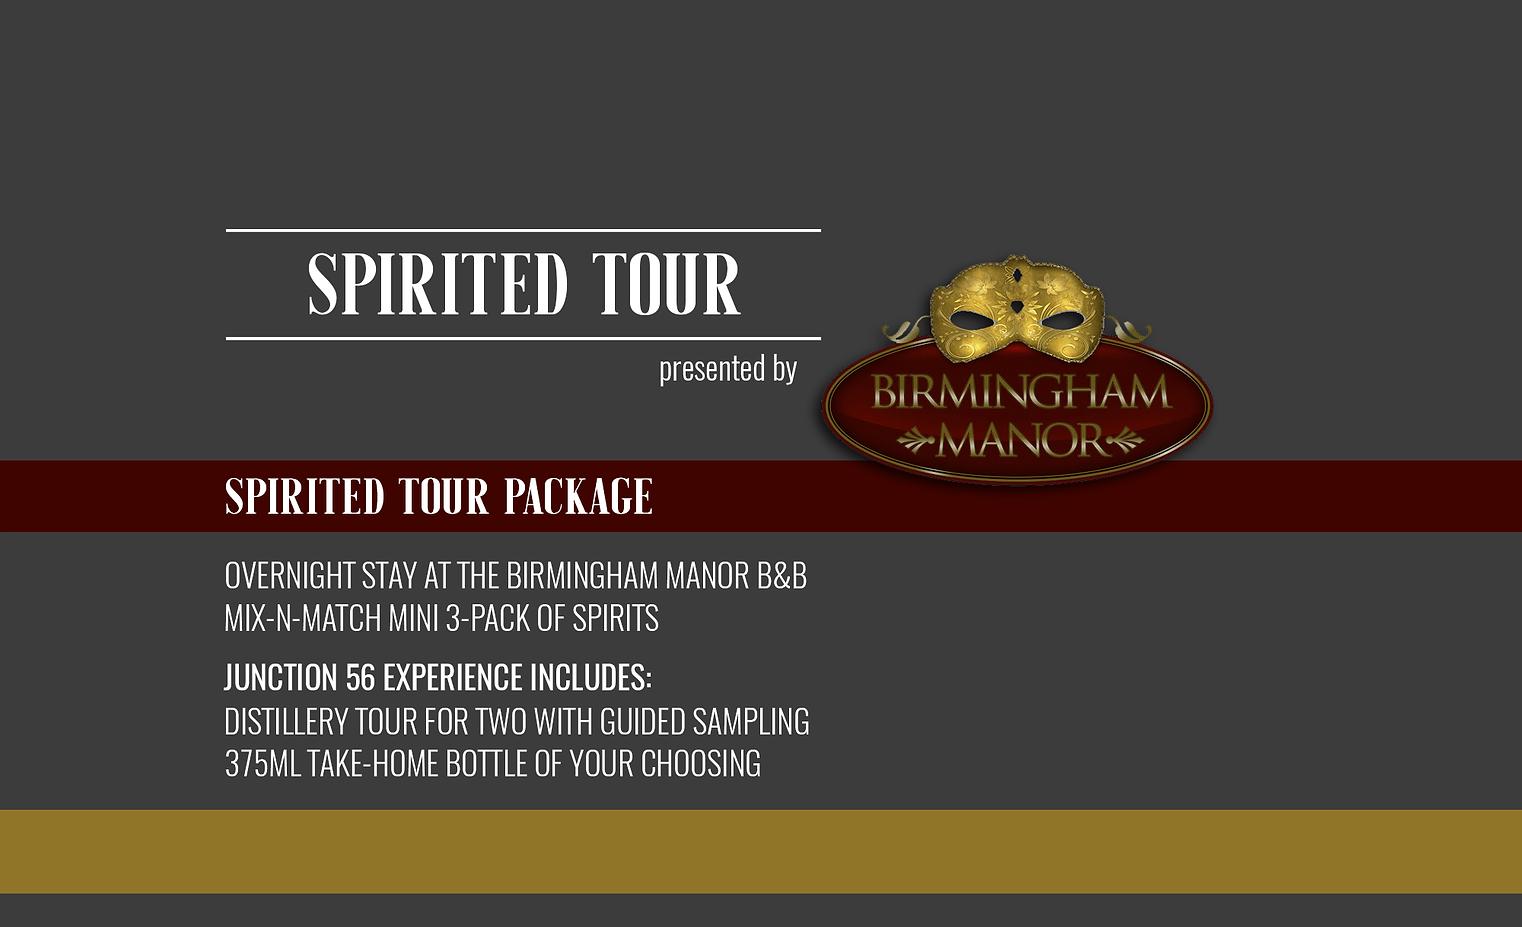 BirminghamManor-SpiritedTour.png